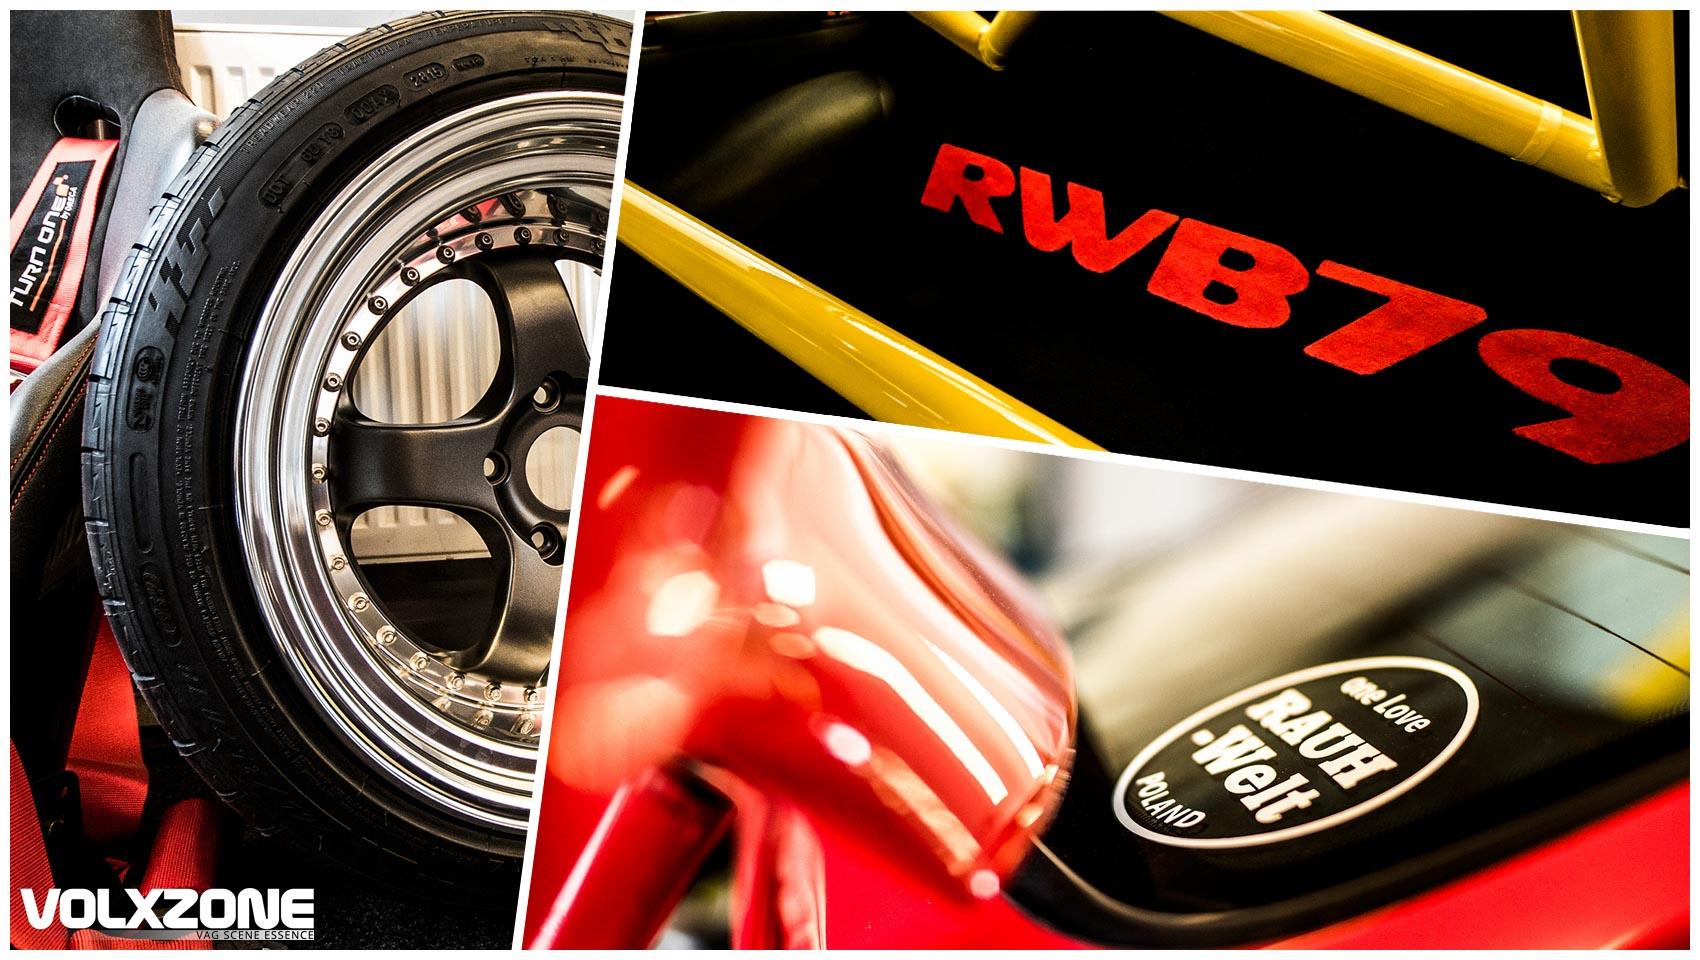 Porsche RWB Poland